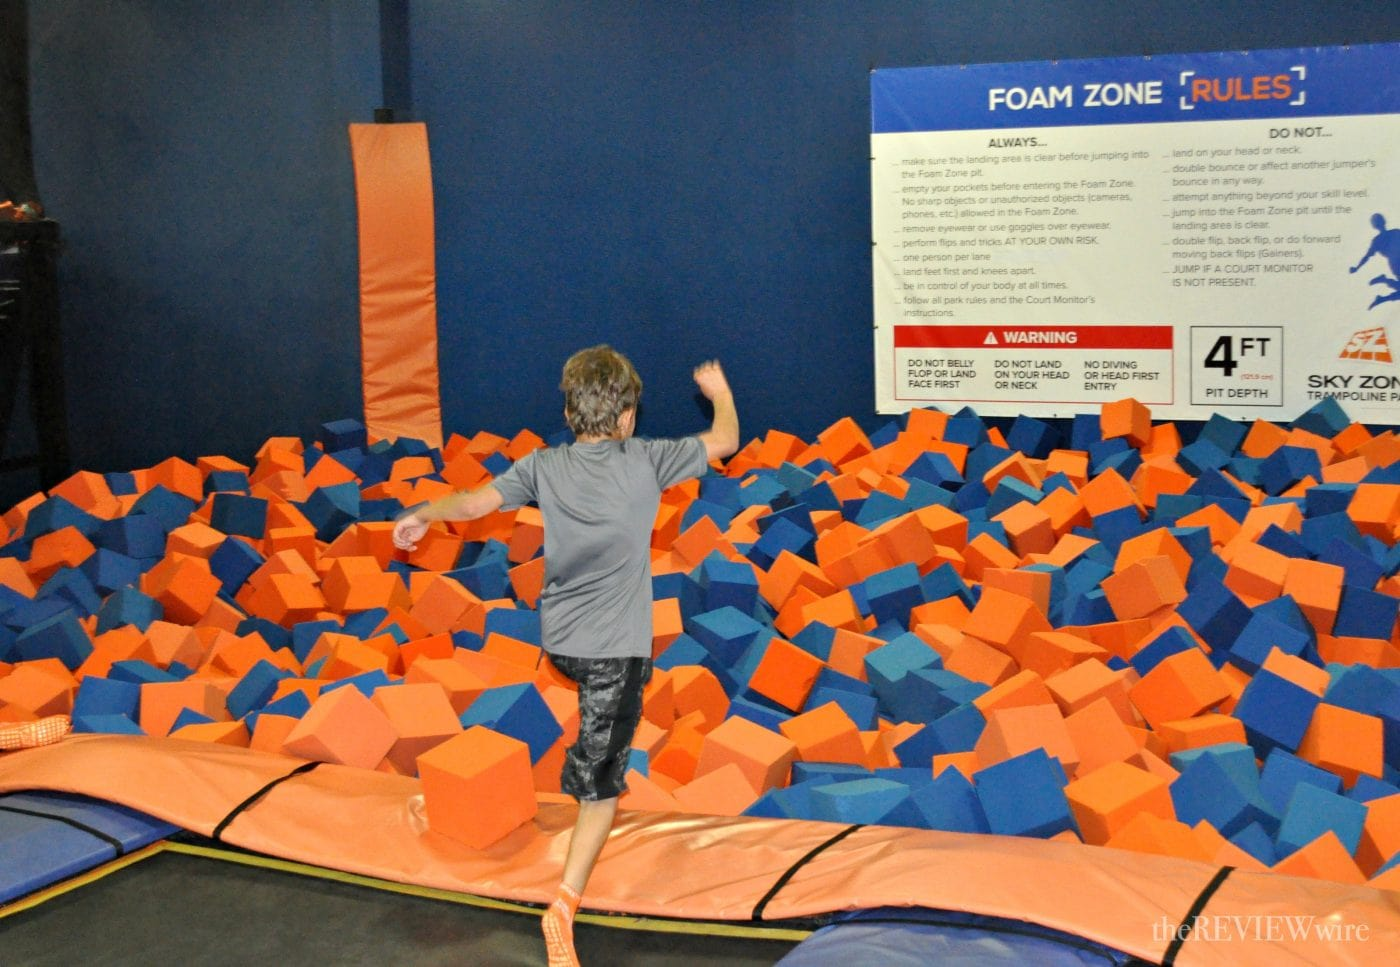 Sky Zone Foam Zone The Review Wire